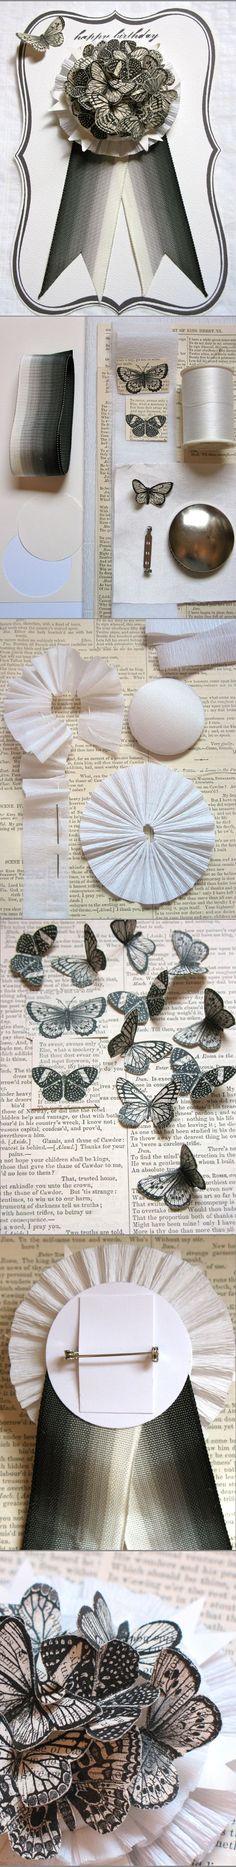 DIY: Butterfly Badge tutorial -- by Denise Sharp of Studio d.Sharp via Poppytalk…